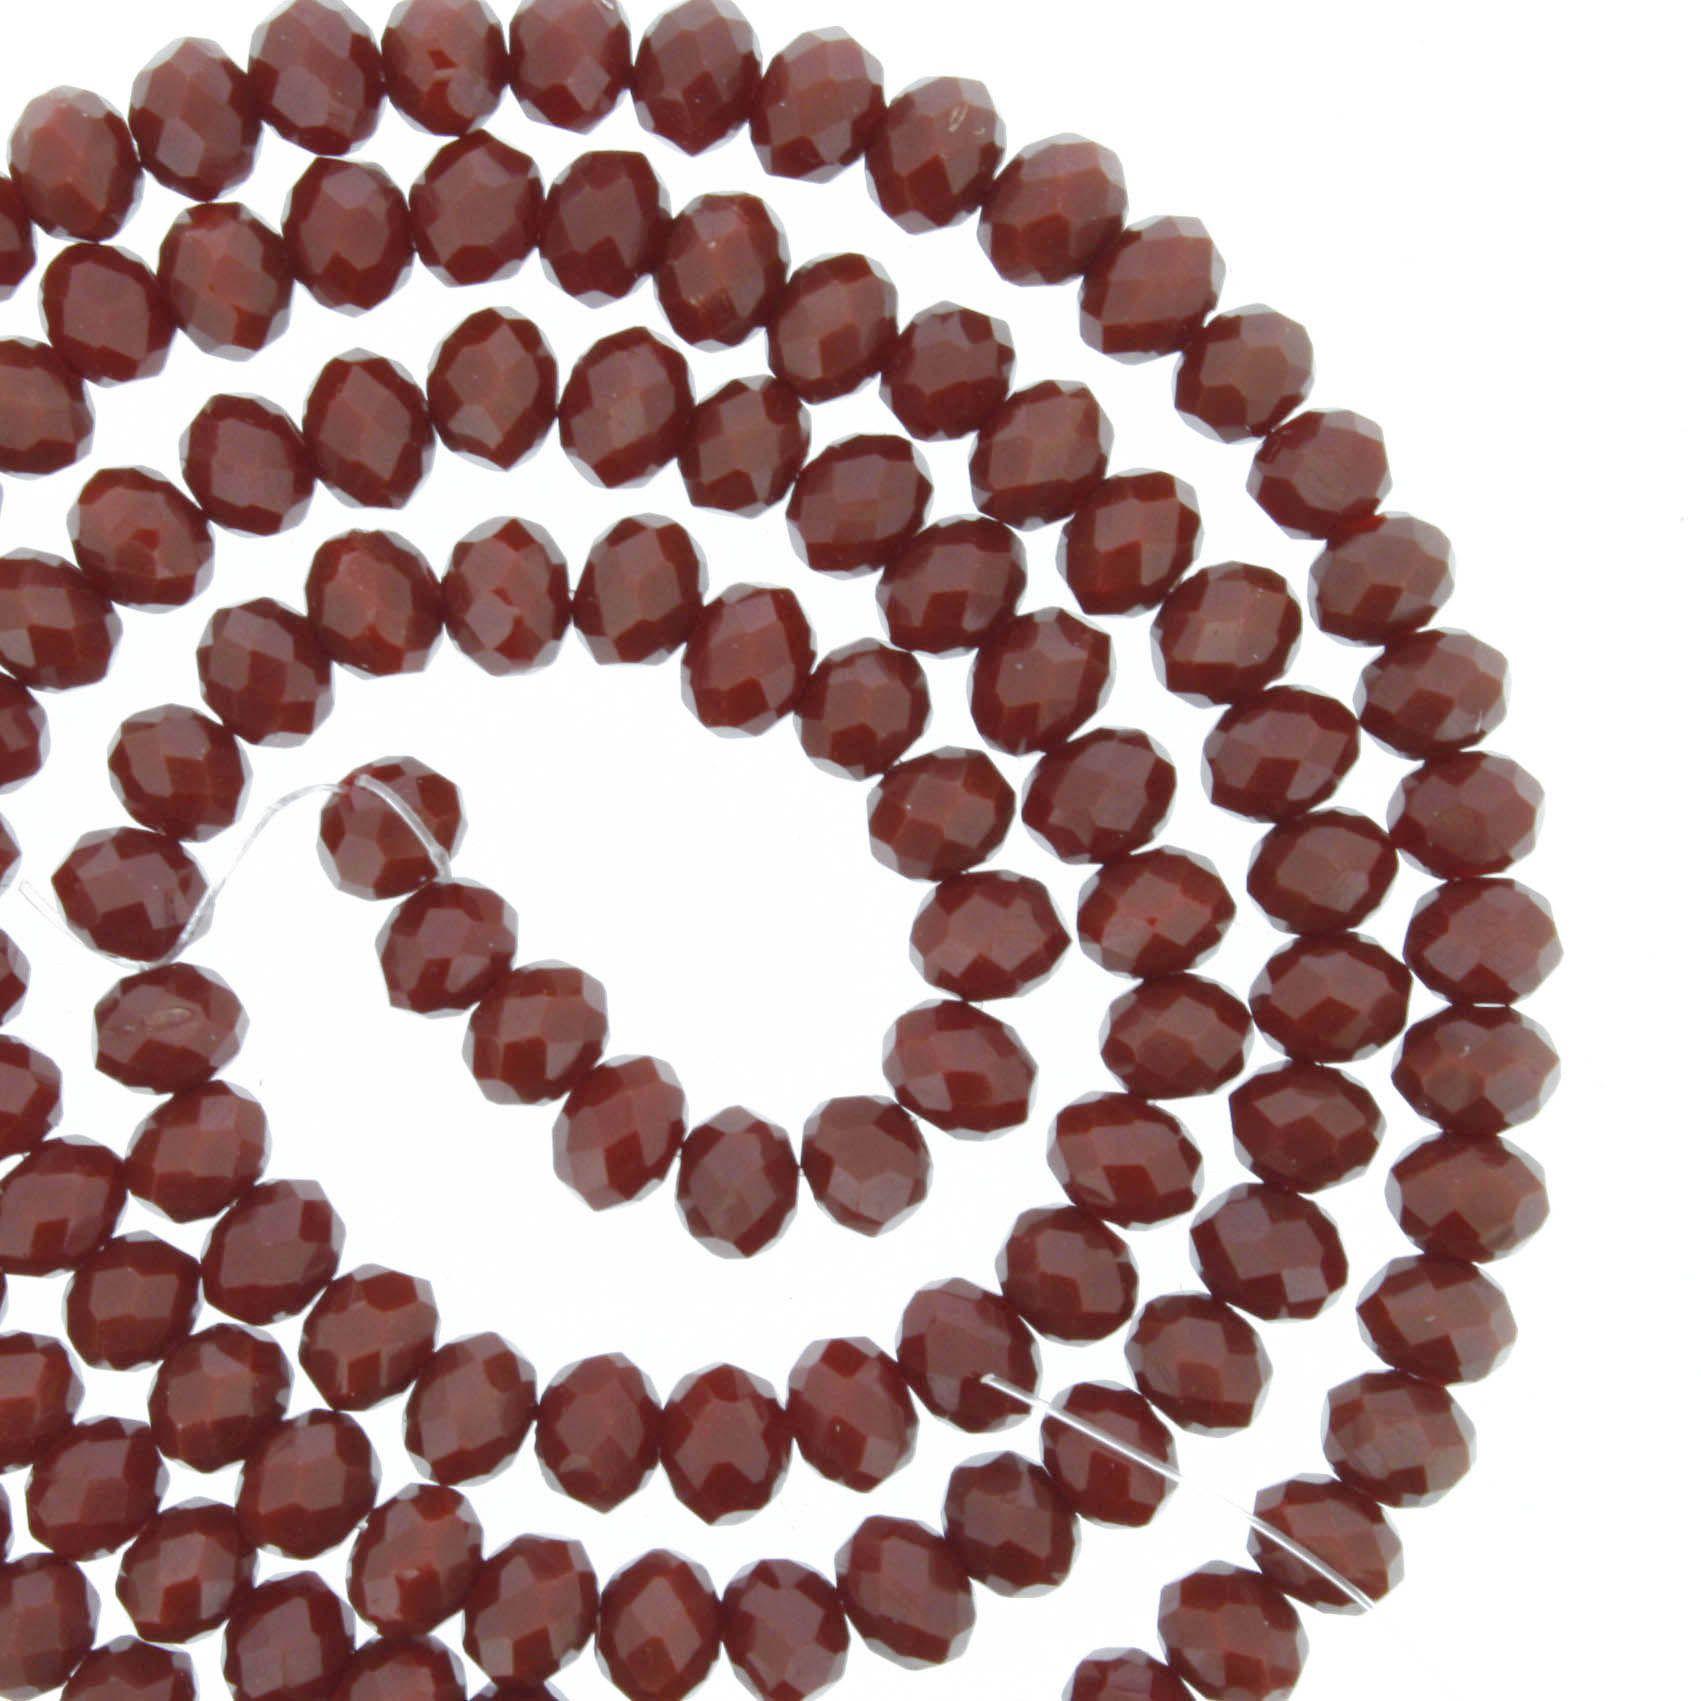 Fio de Cristal - Piatto® - Vermelho Escuro - 4mm  - Universo Religioso® - Artigos de Umbanda e Candomblé